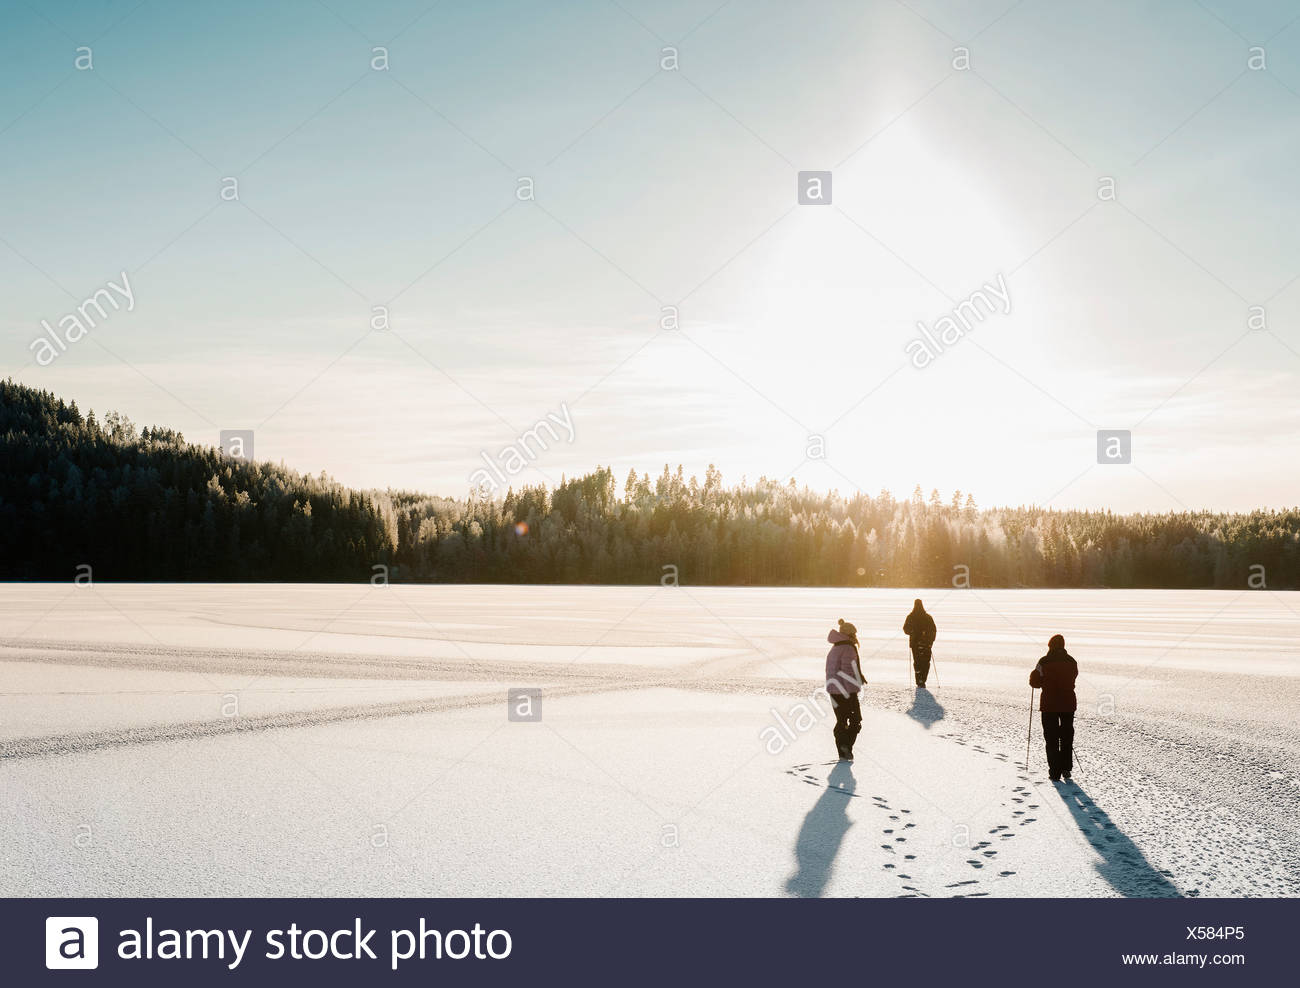 Trois personnes de la marche nordique dans la neige champ couvert Photo Stock